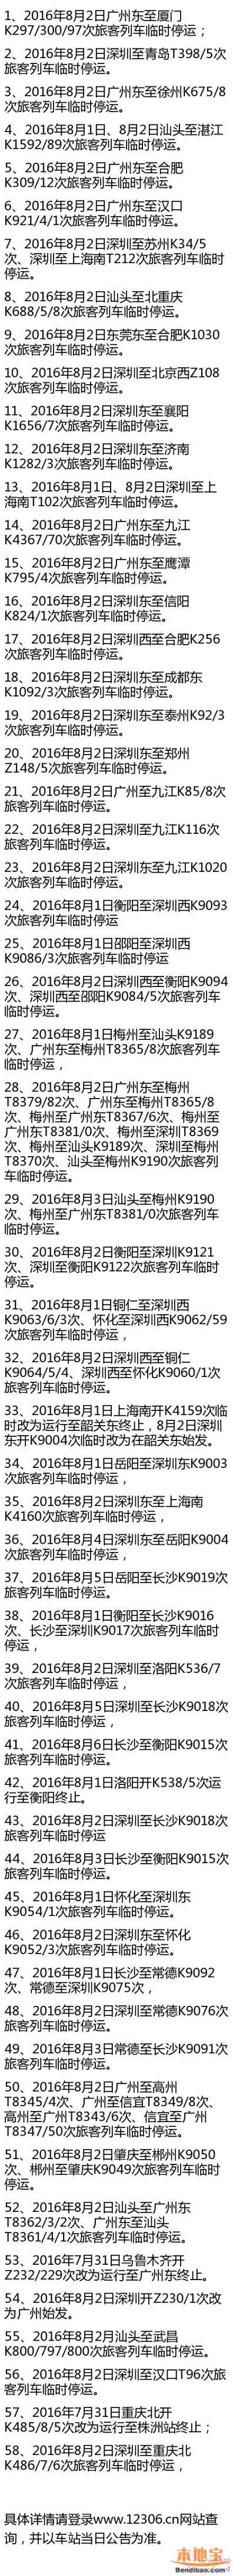 4号台风导致深圳大批火车停运 深圳站深圳东站长途火车明日全部停运